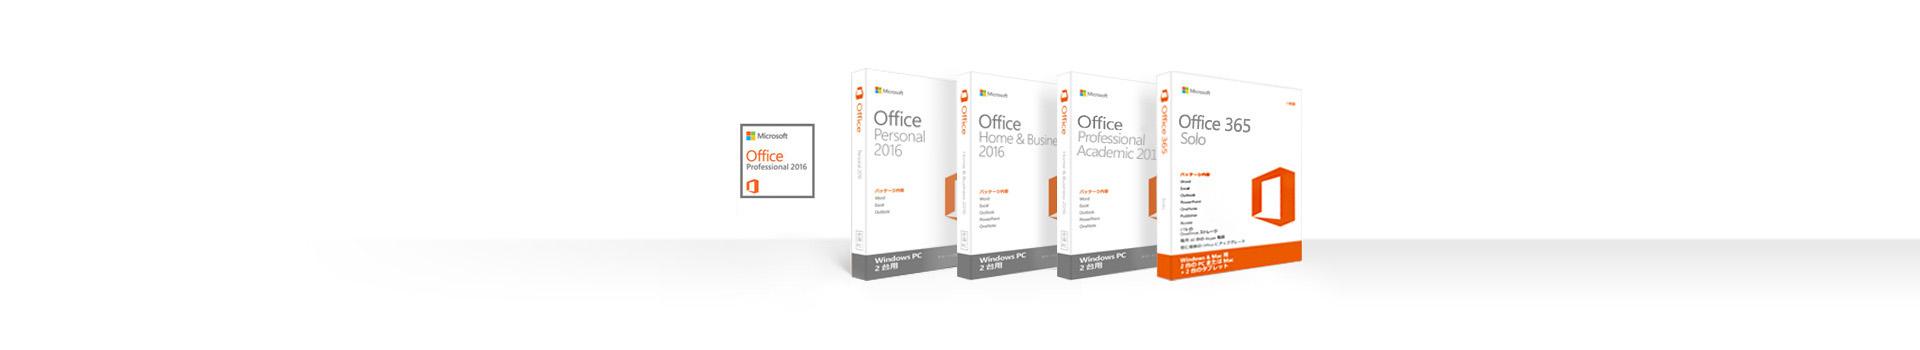 PC 用 Office サブスクリプションとスタンドアロン製品を表すボックスの行